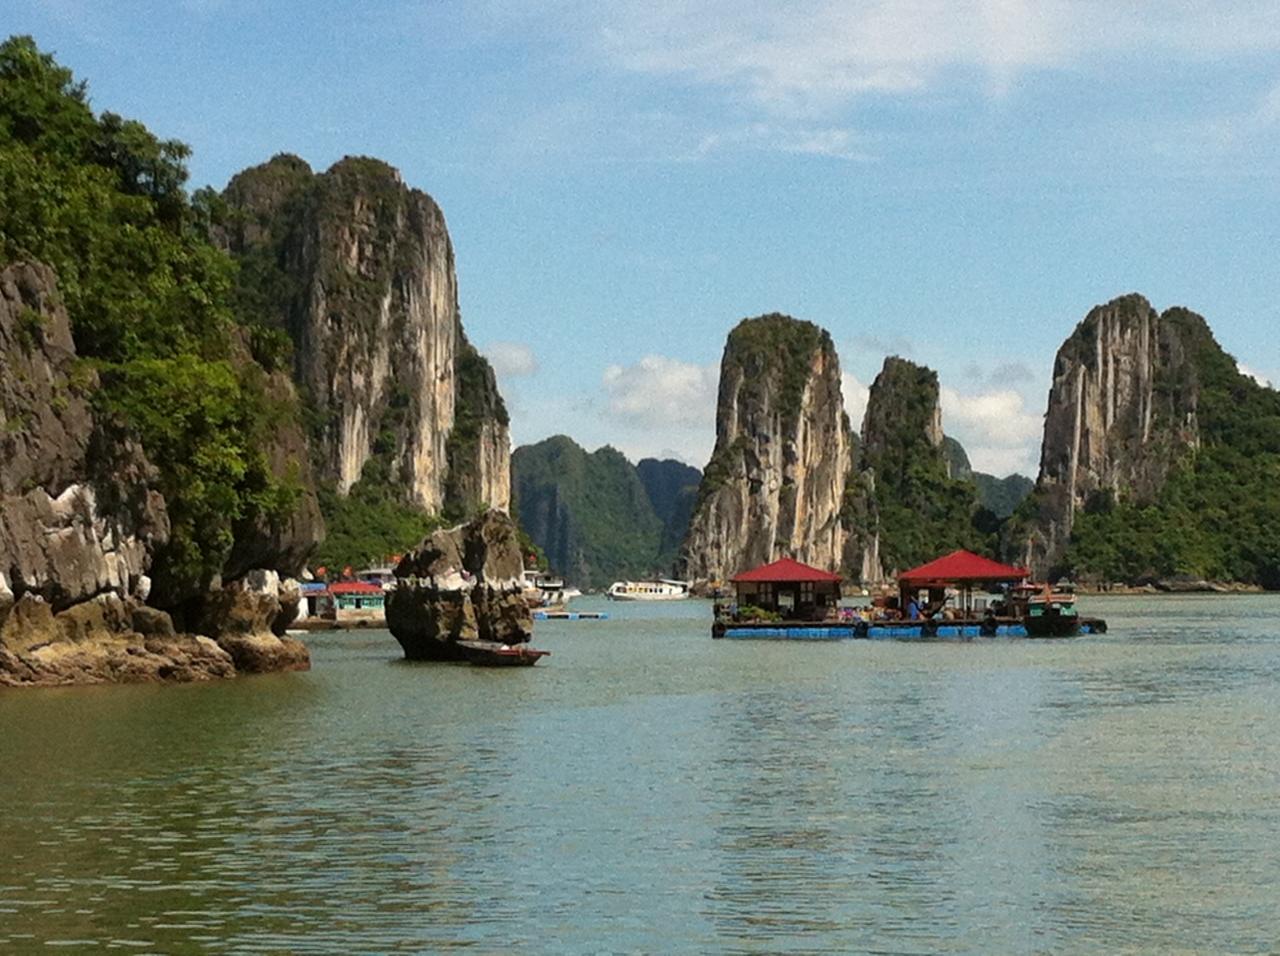 初めてのベトナム旅にハノイを選びました。\u003cbr /\u003e\u003cbr